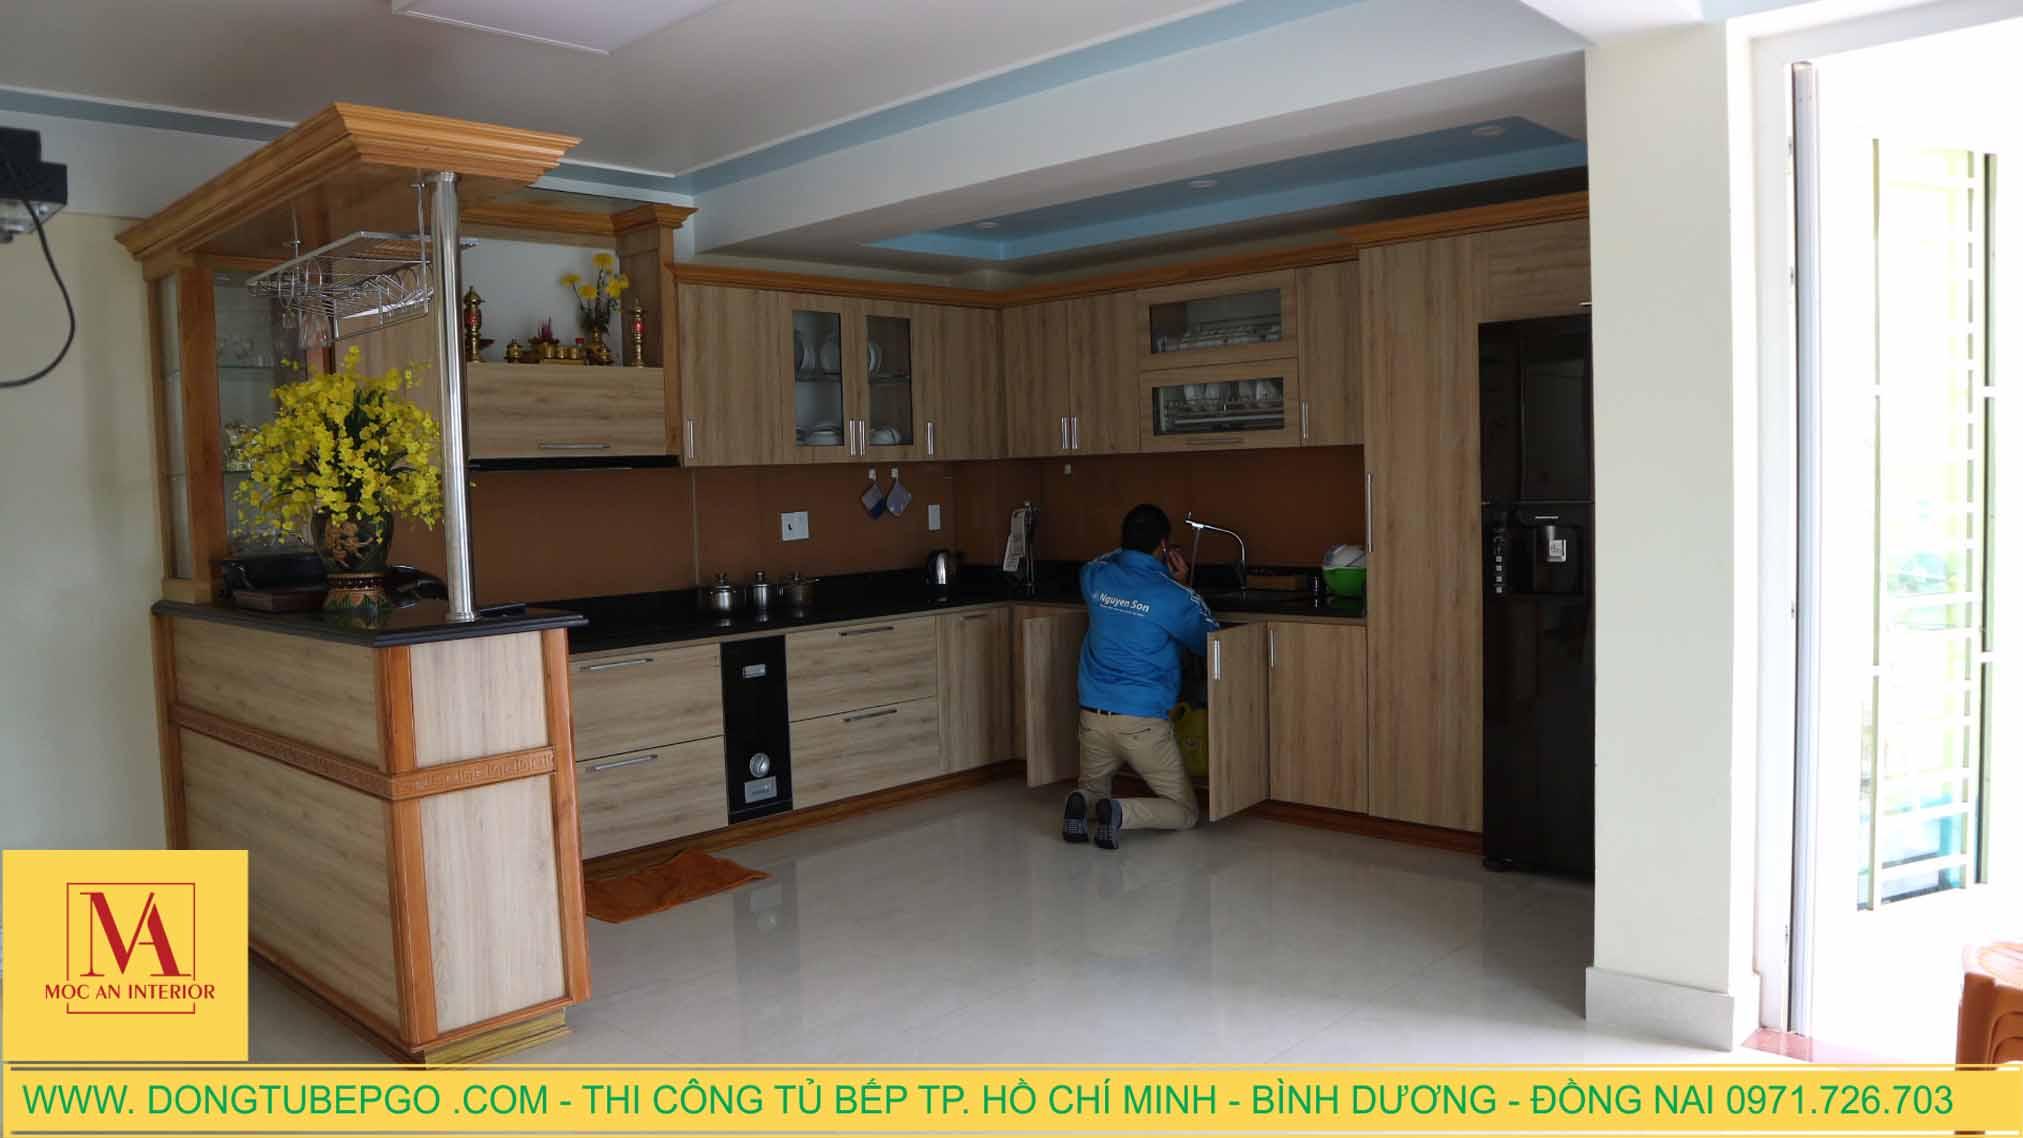 Thi công tủ bếp cao cấp ở Thành Phố Mới, Bình Dương.